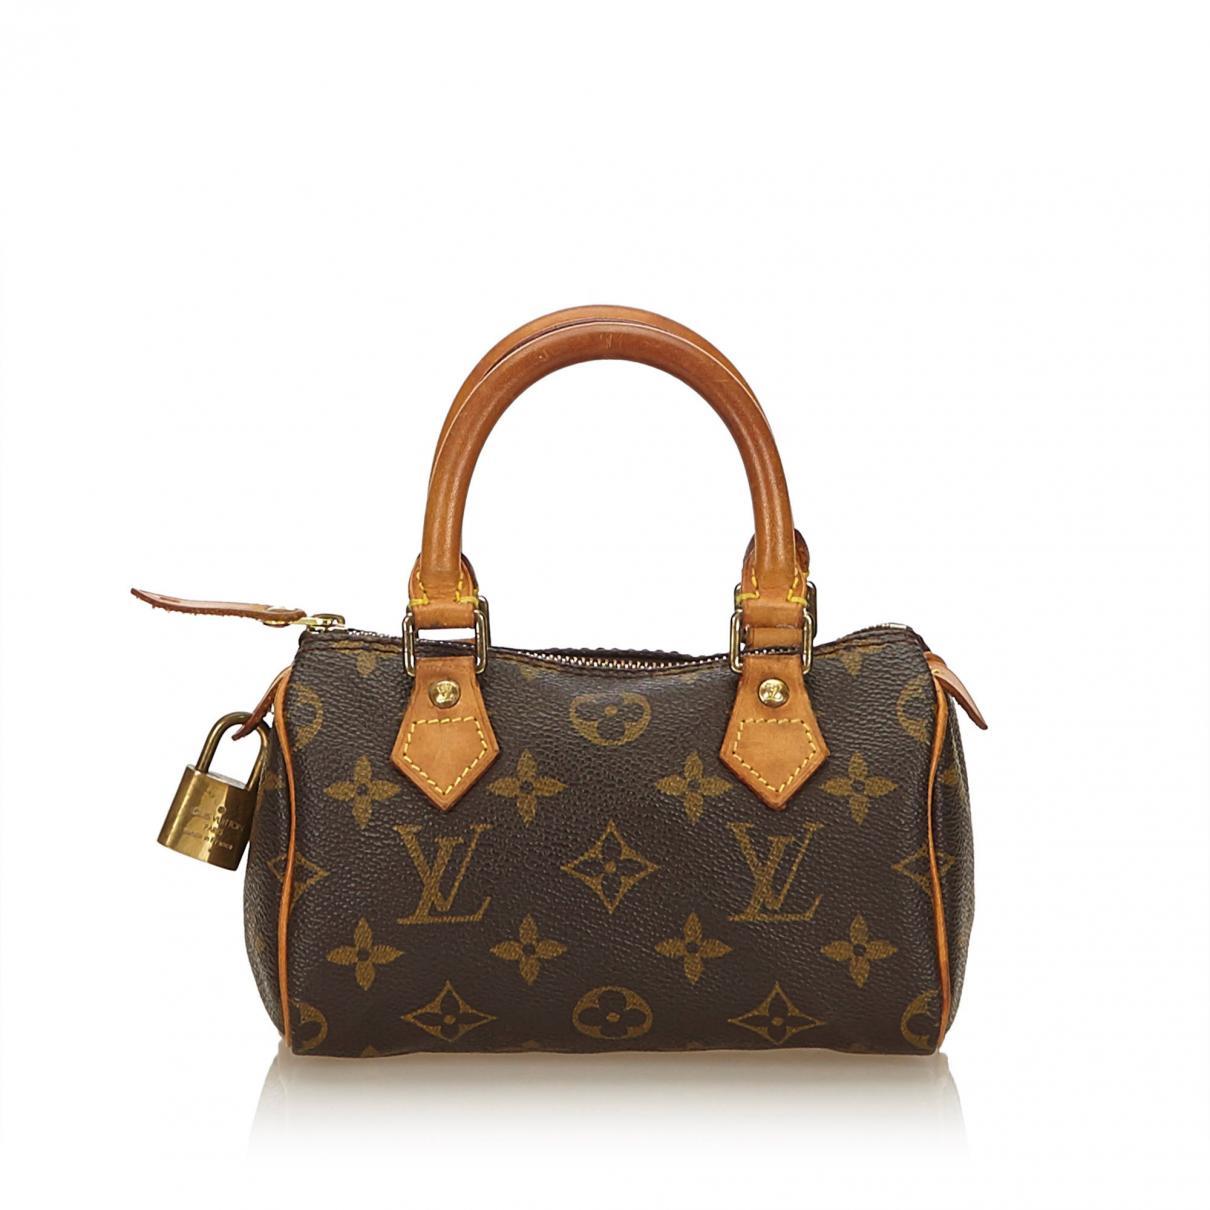 a4f89868a952f Louis Vuitton Pre-owned Nano Speedy / Mini Hl Brown Cloth Handbag in ...